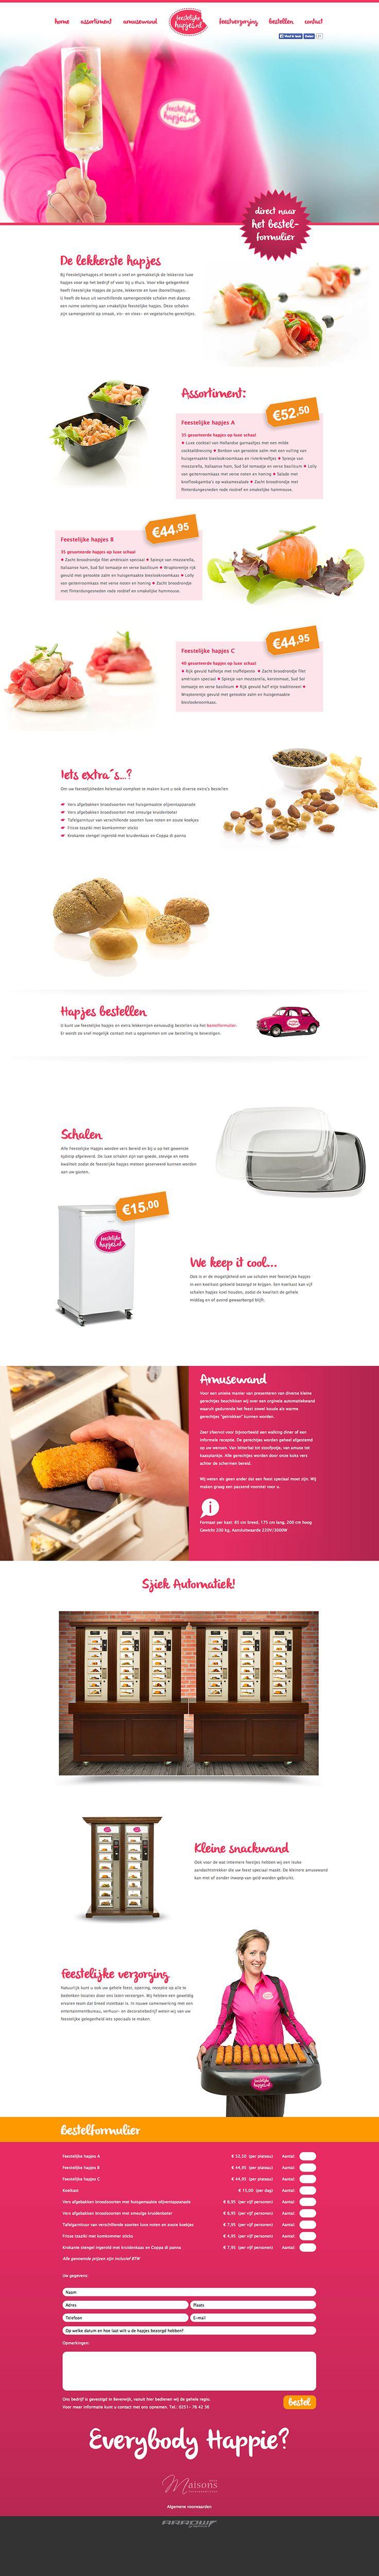 Website Design voor FeestelijkeHapjes.nl  Bij Feestelijkehapjes.nl bestelt u snel en gemakkelijk de lekkerste luxe hapjes voor op het bedrijf of voor bij u thuis.